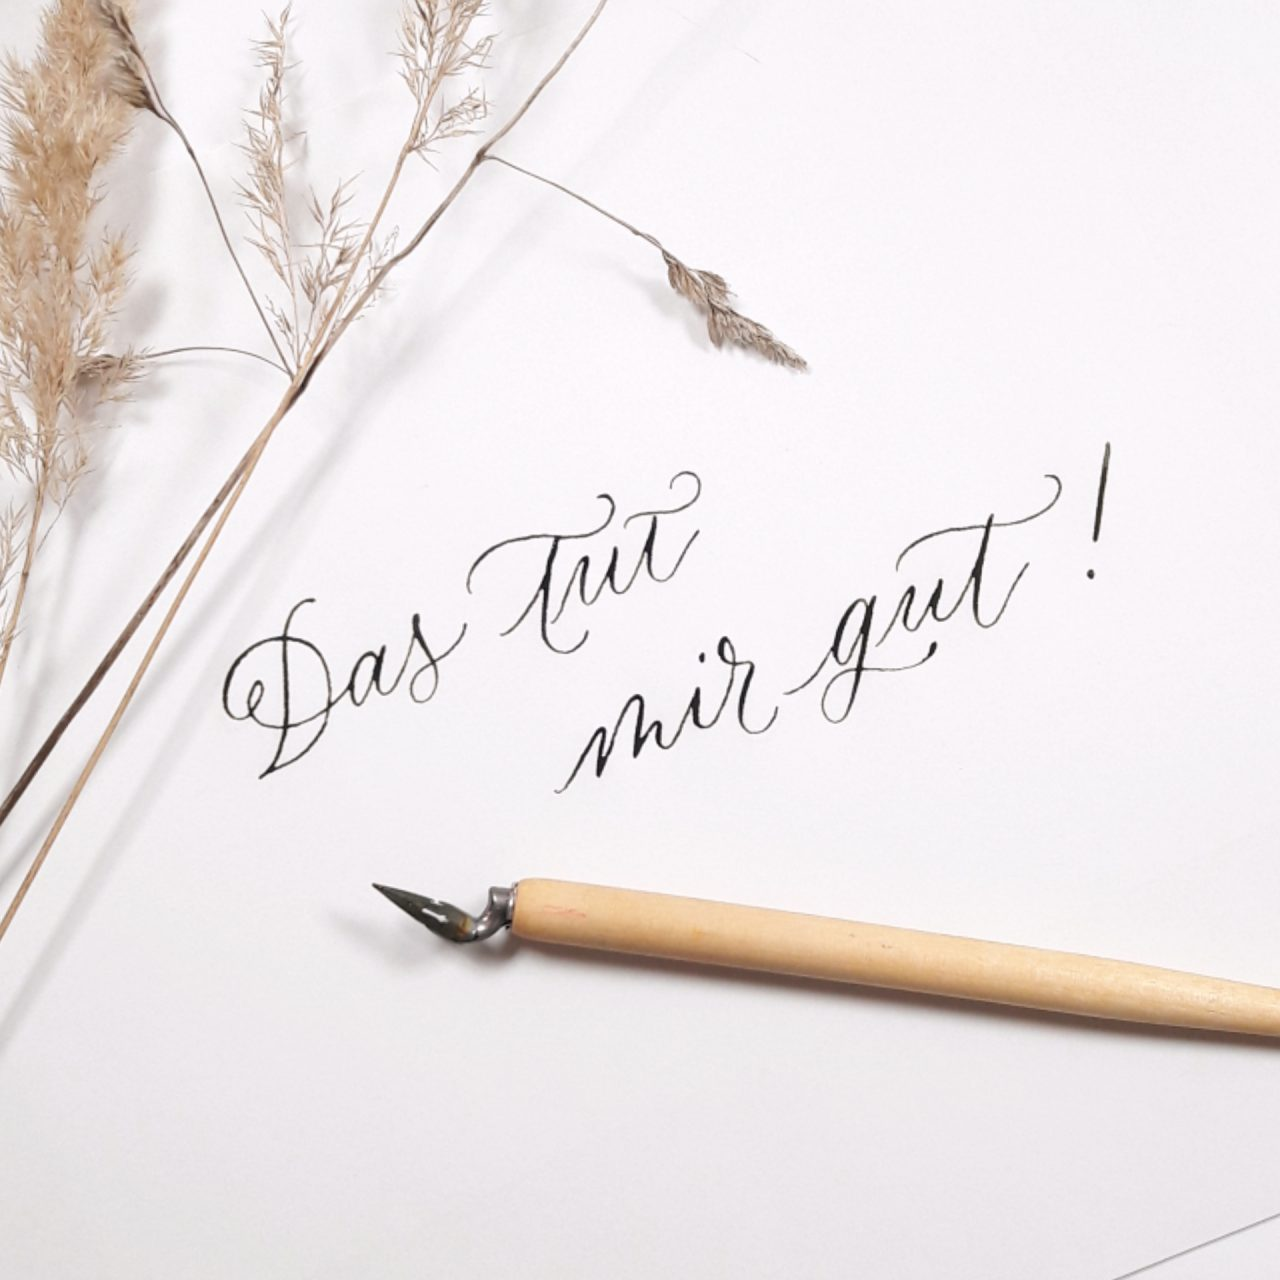 Moderne Kalligraphie Community Wohlfuehltipps auf Instagram irma link Workshops Mindset gute Gedanken